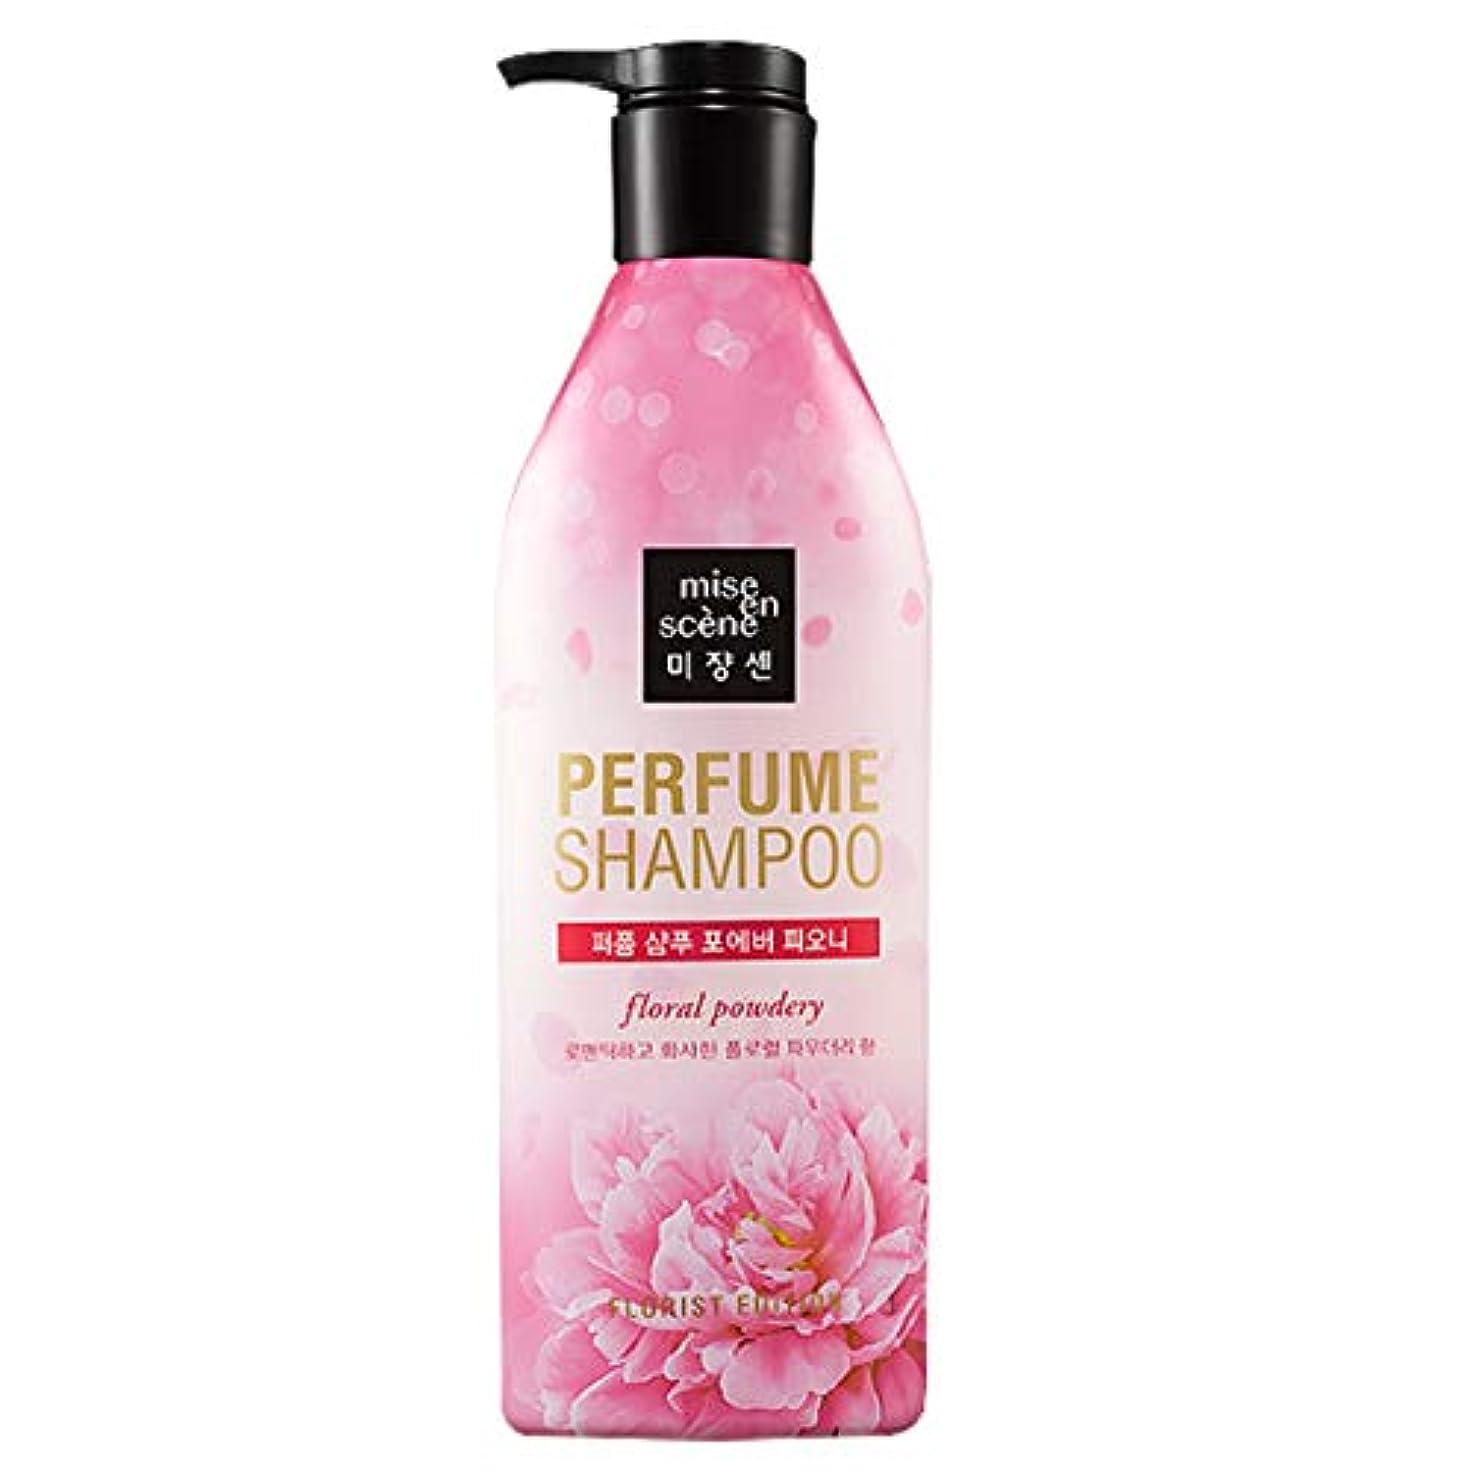 インストラクター逃げる強化ミジャンセン miseen scene パフュームシャンプー フォーエバーピオニー Forever Peony Shampoo 600ml